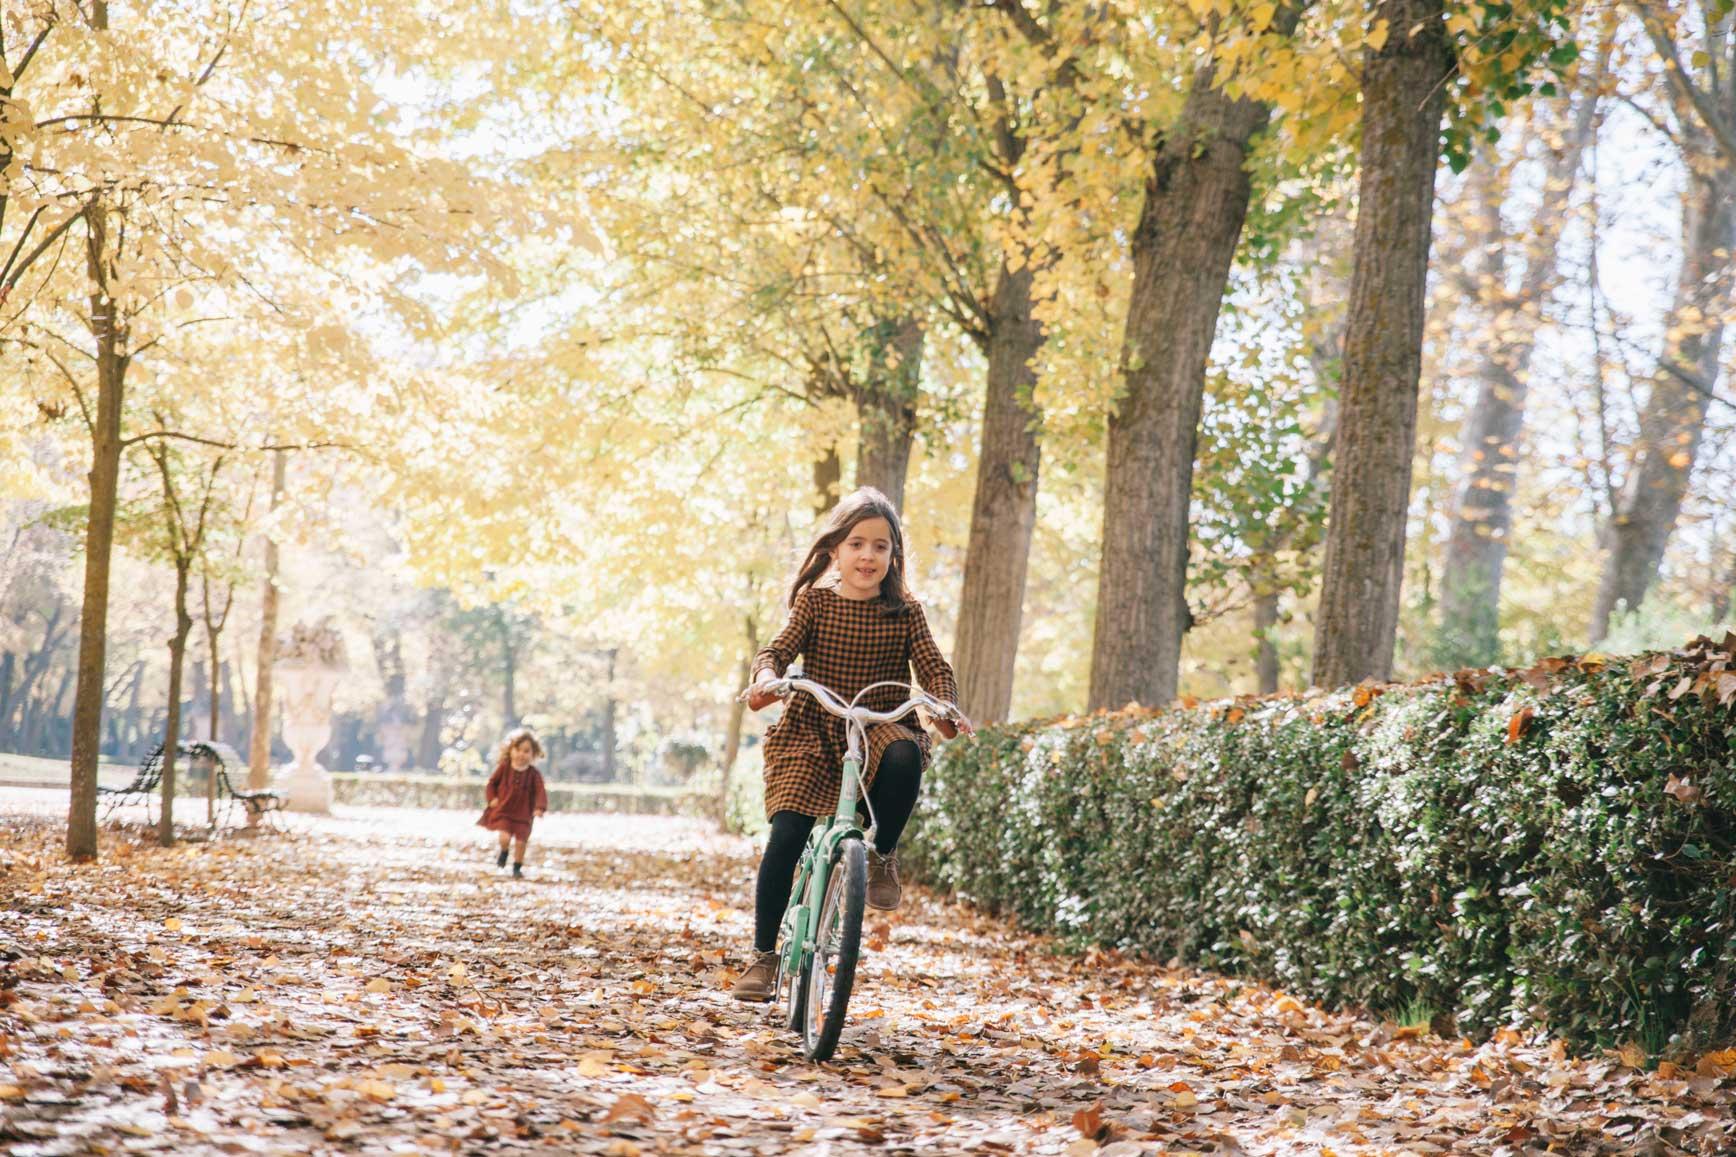 El día que aprendiste a montar en bicicleta